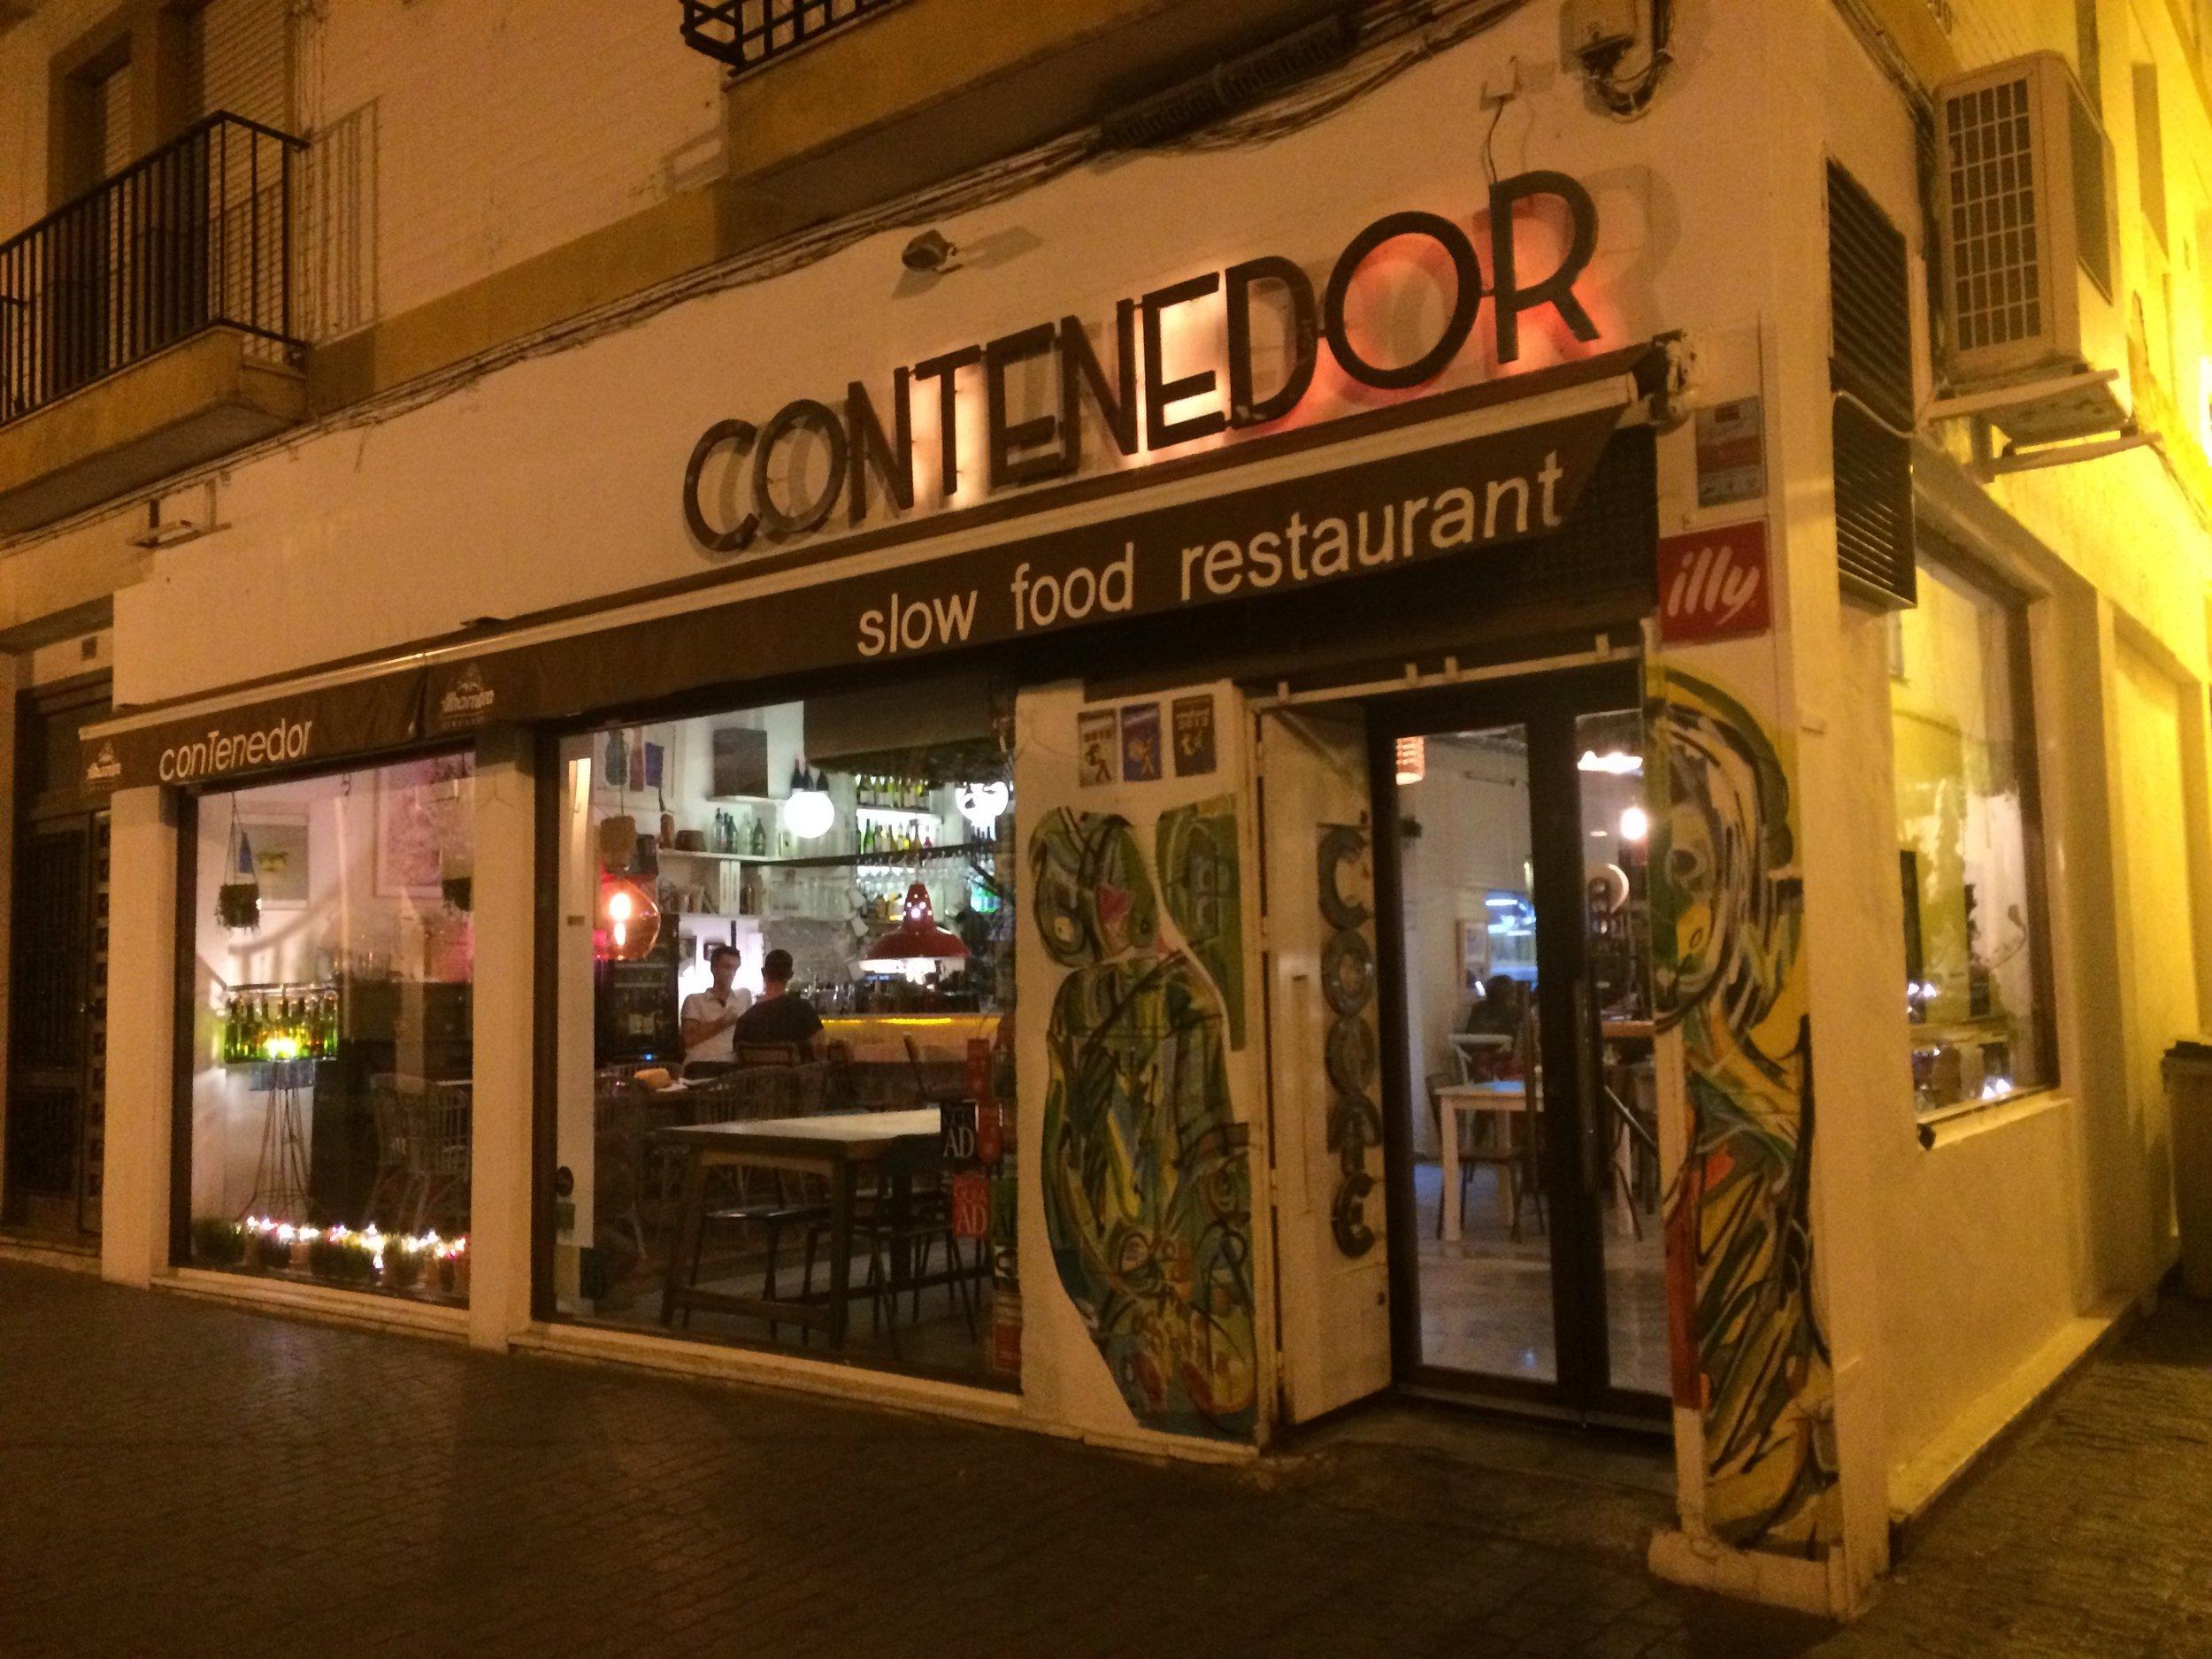 Exterior of conTenedor